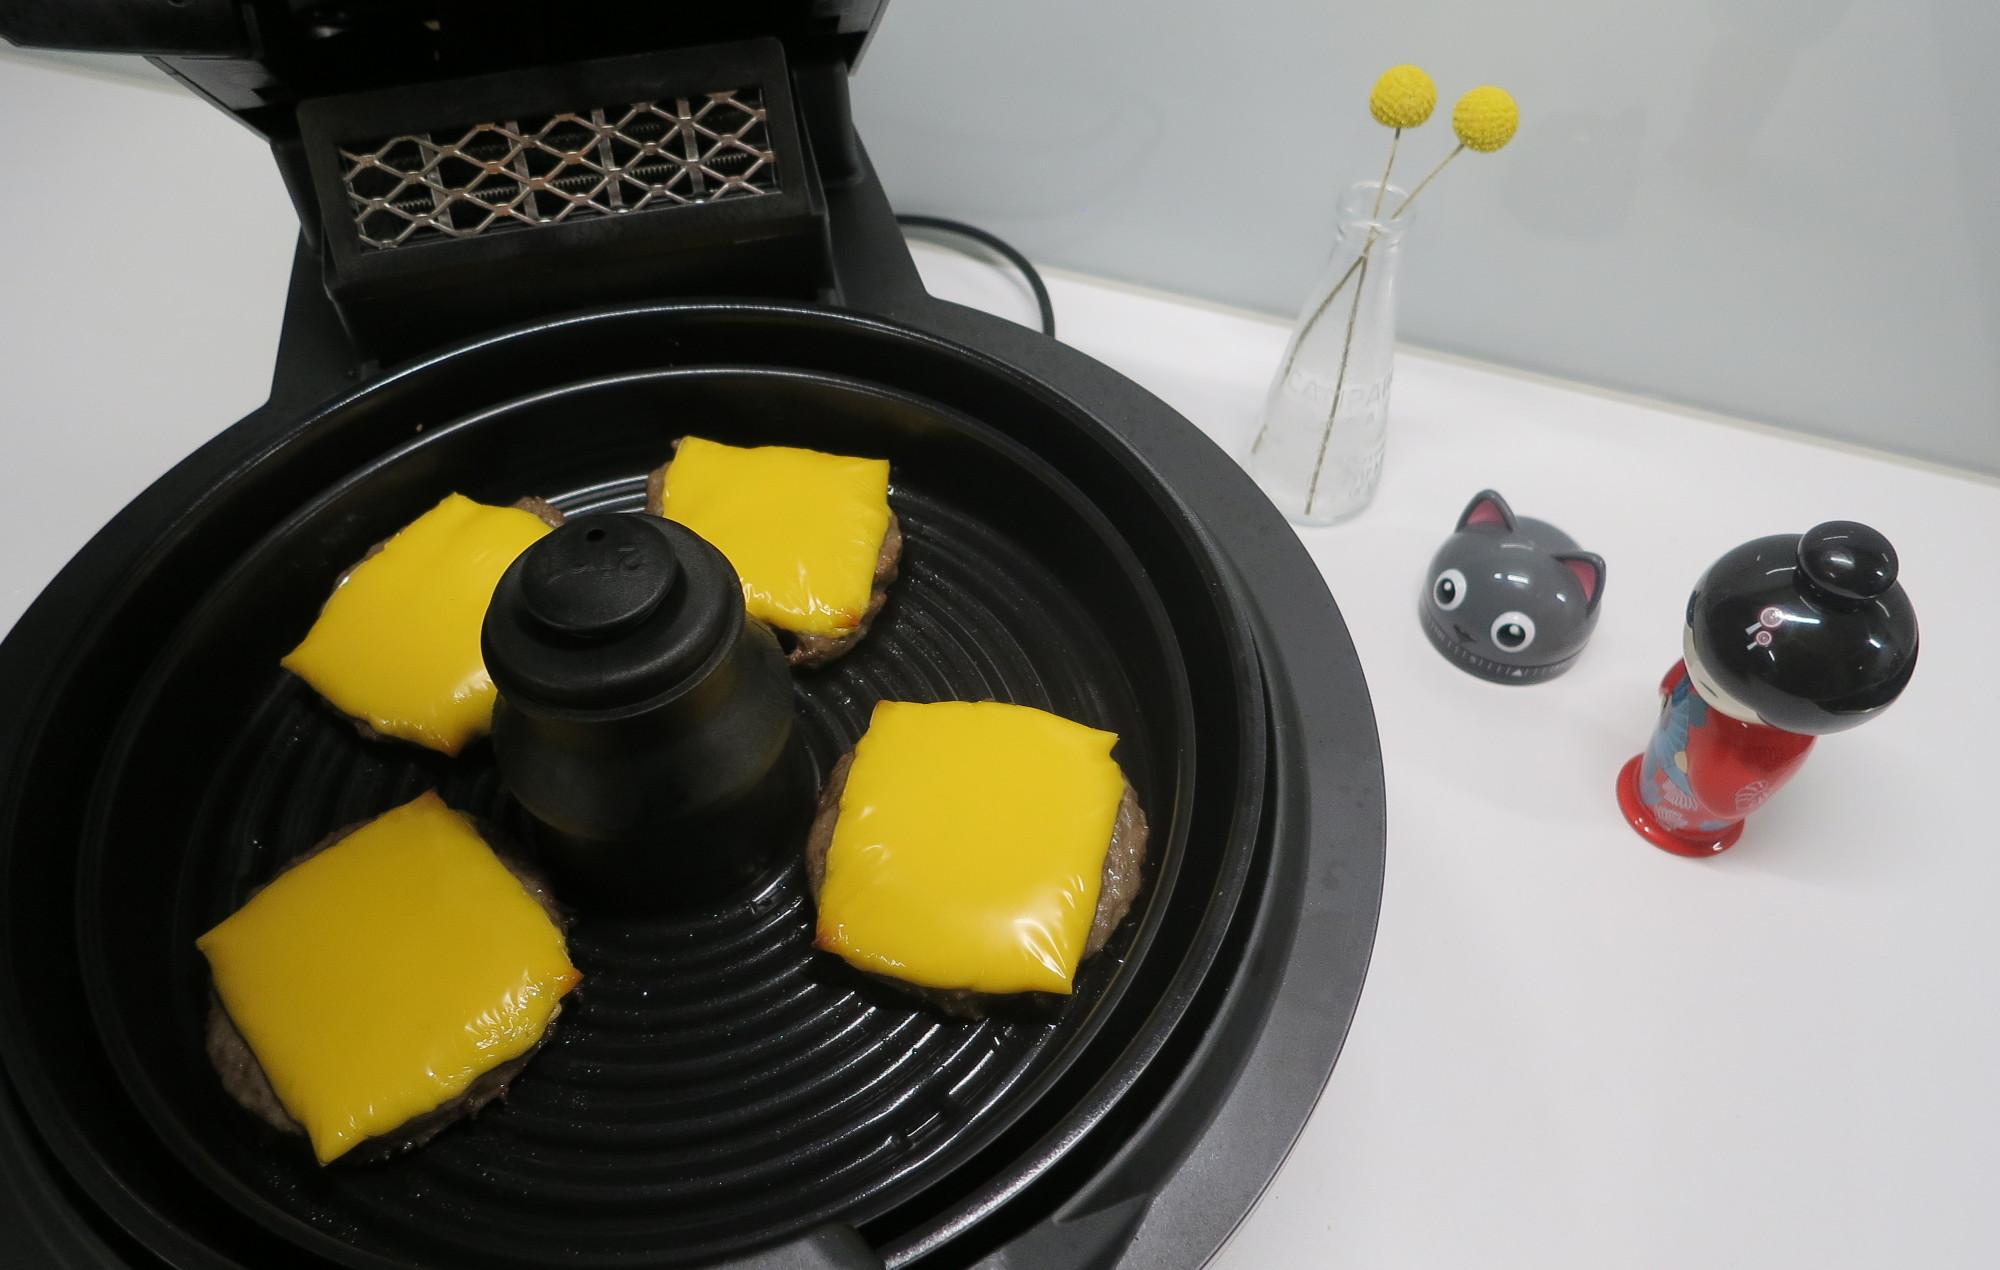 Burgerpatties auf der Grillplatte der Heißluftfritteuse Tefal ActiFry Genius XL 2in1